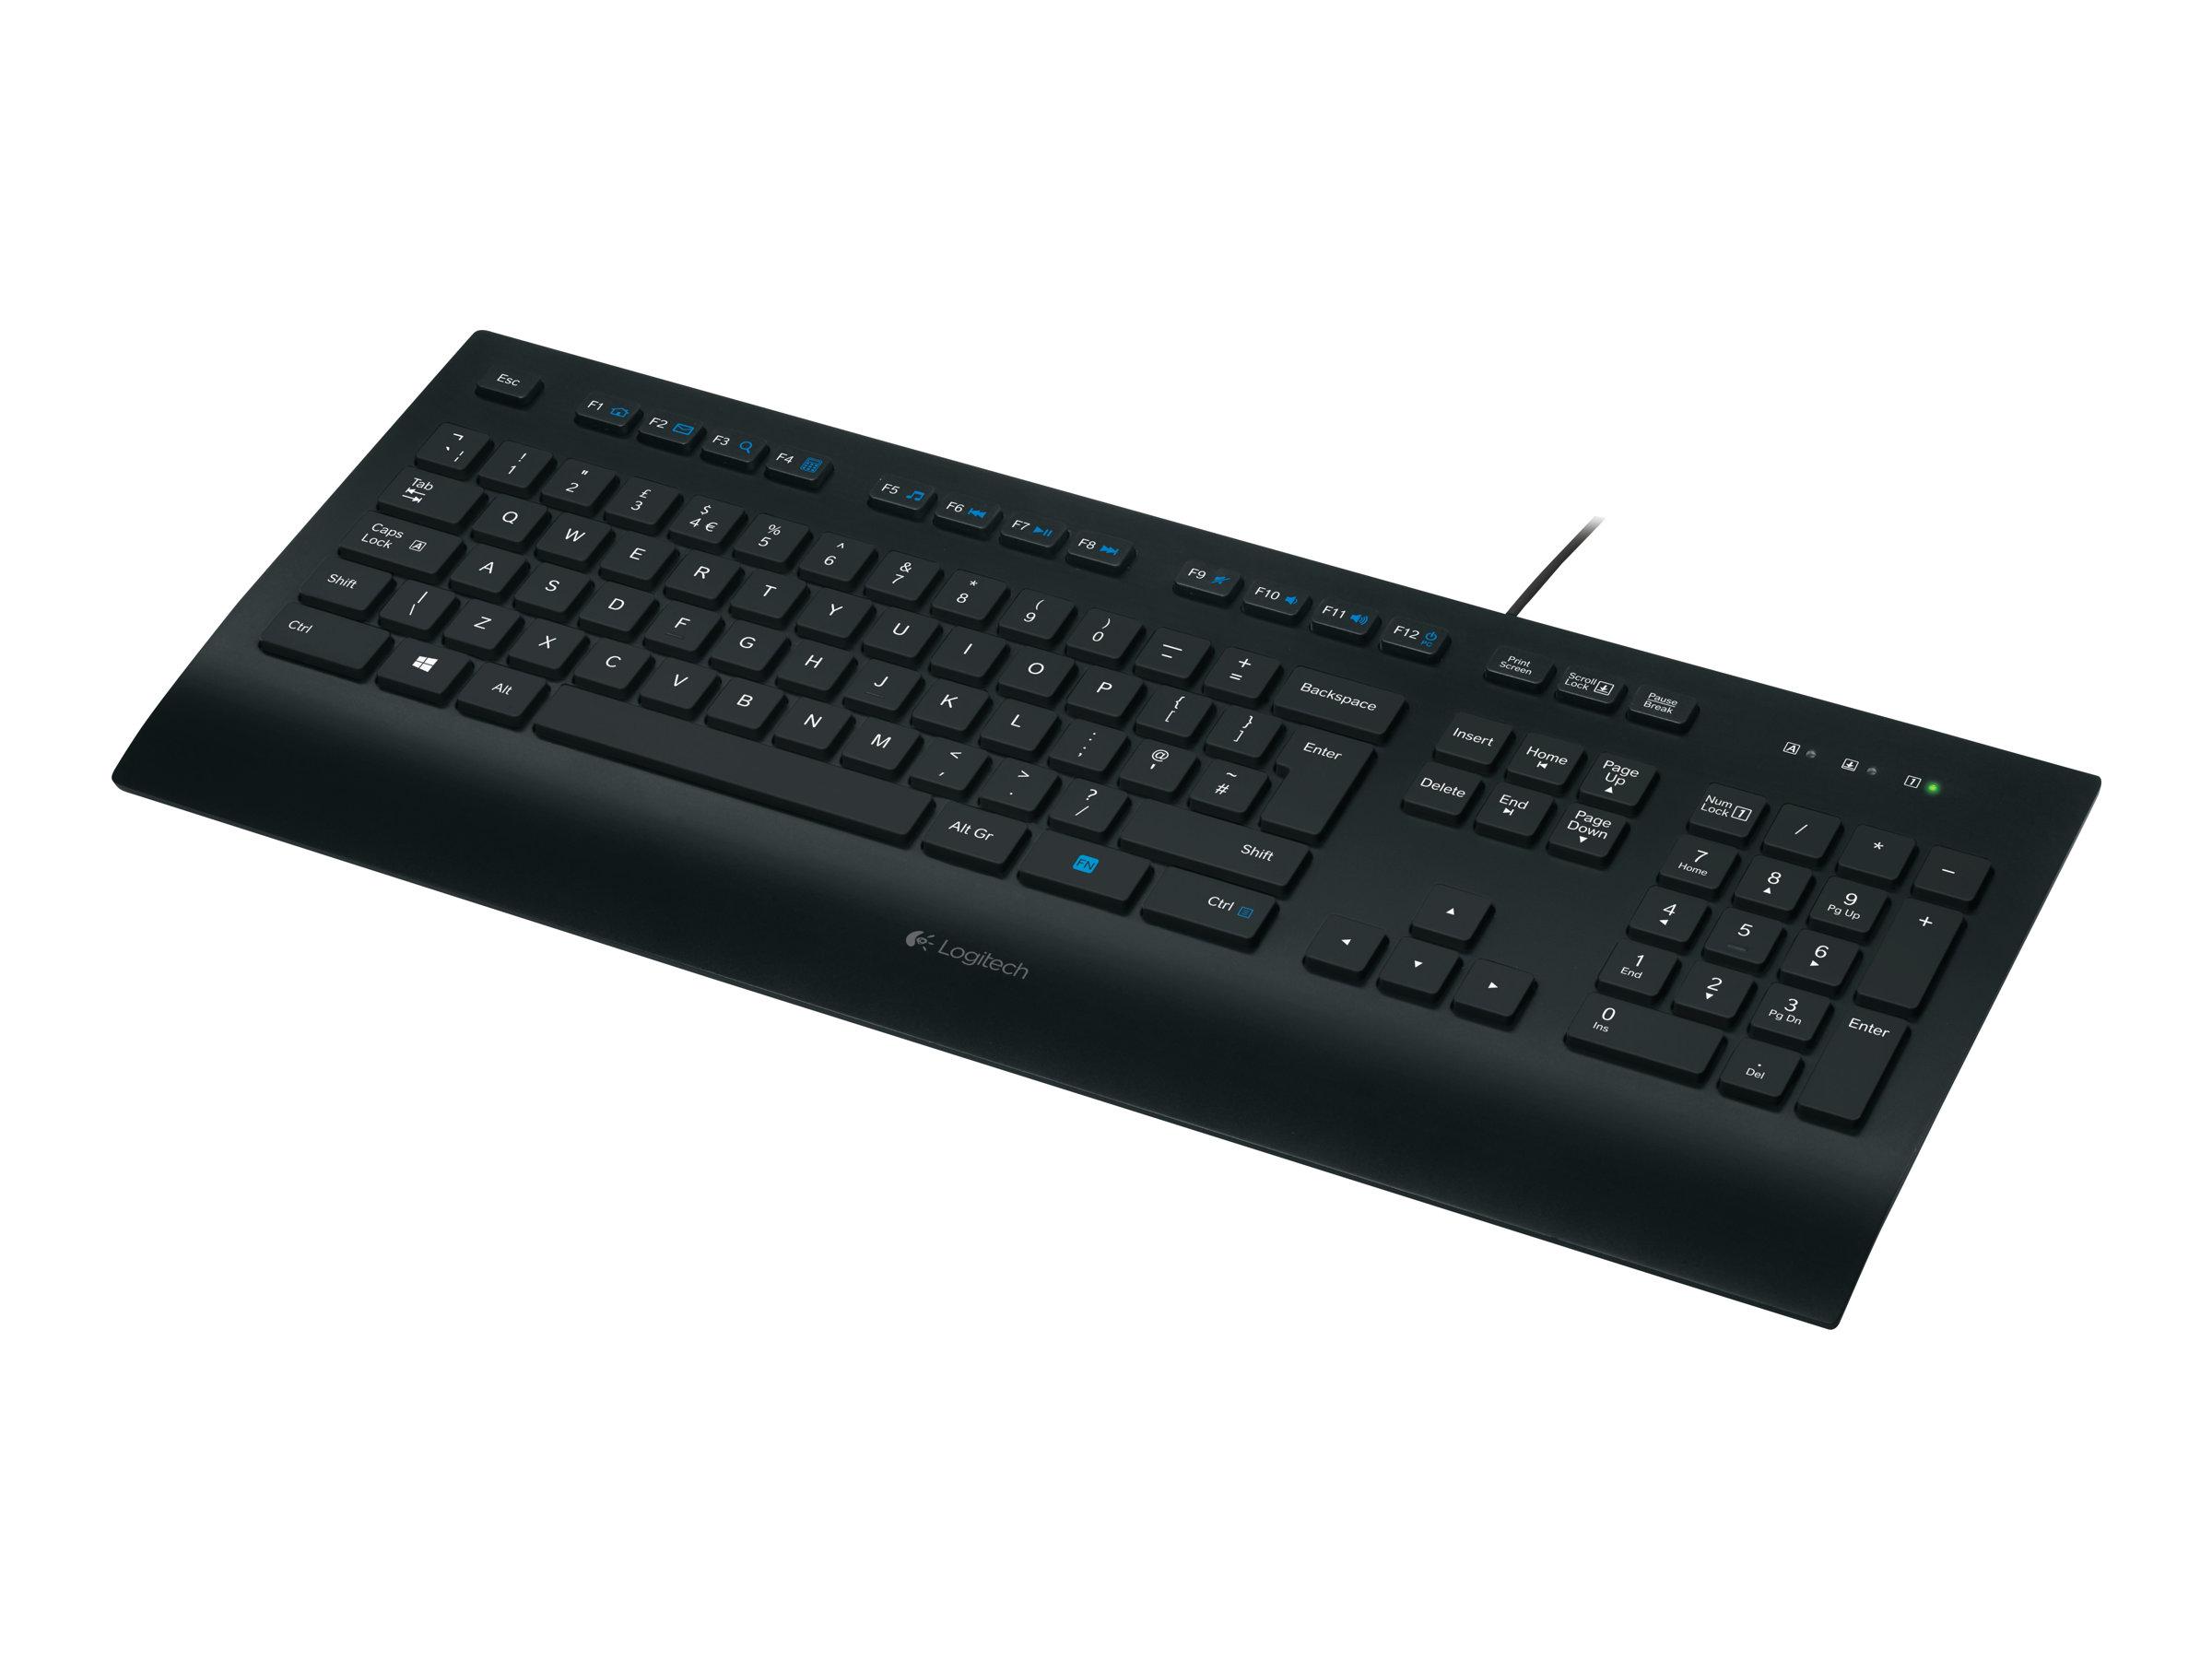 K280e tastatur usb deutsch schwarz 8350049 920 008669